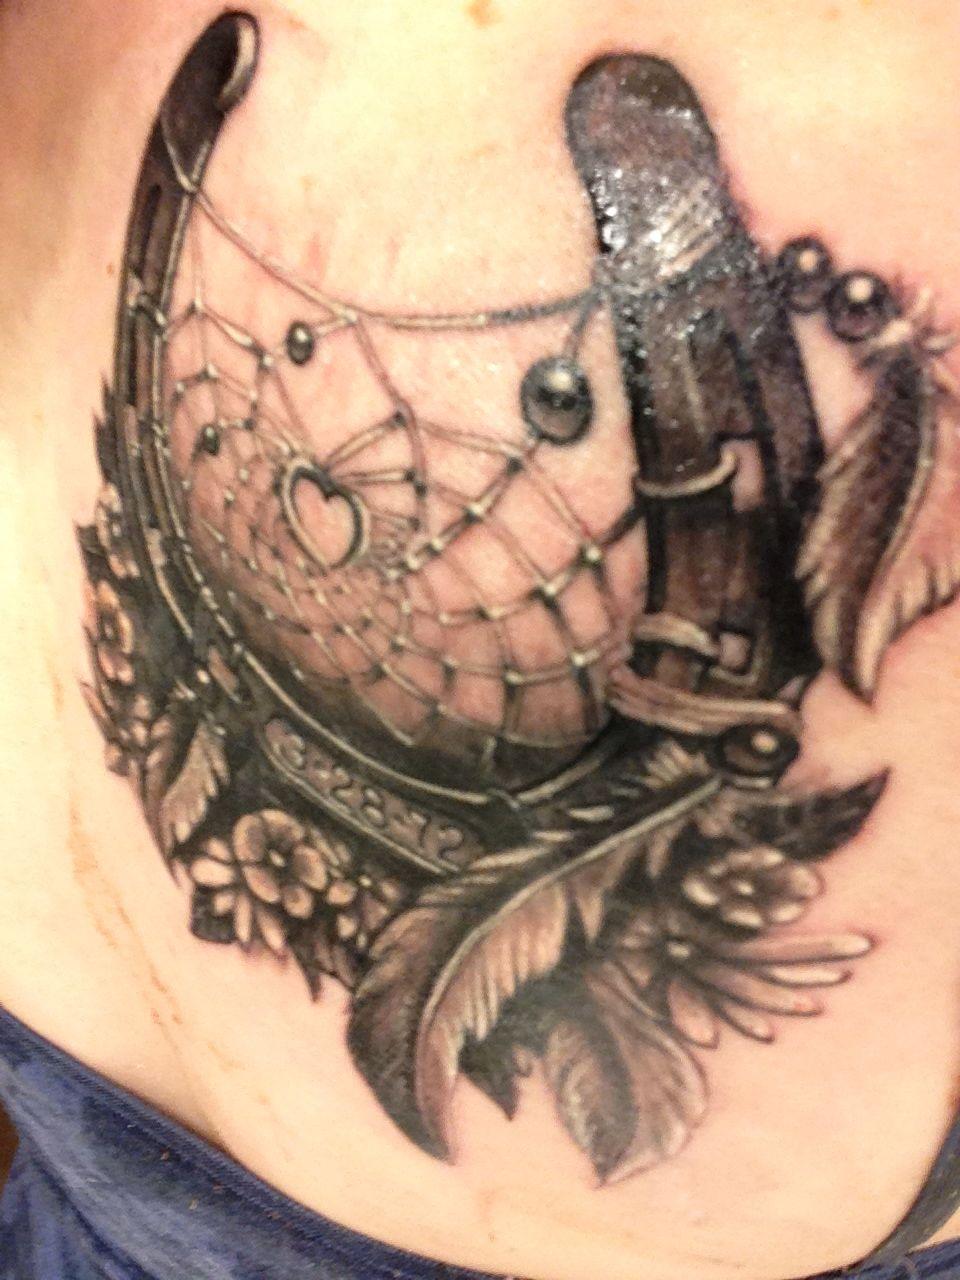 Horse Dreamcatcher Tattoo : horse, dreamcatcher, tattoo, Horse, Dream, Catcher, Dedicated, Birthday, Stamped, Horseshoe., Tattoo,, Tattoos,, Tattoos